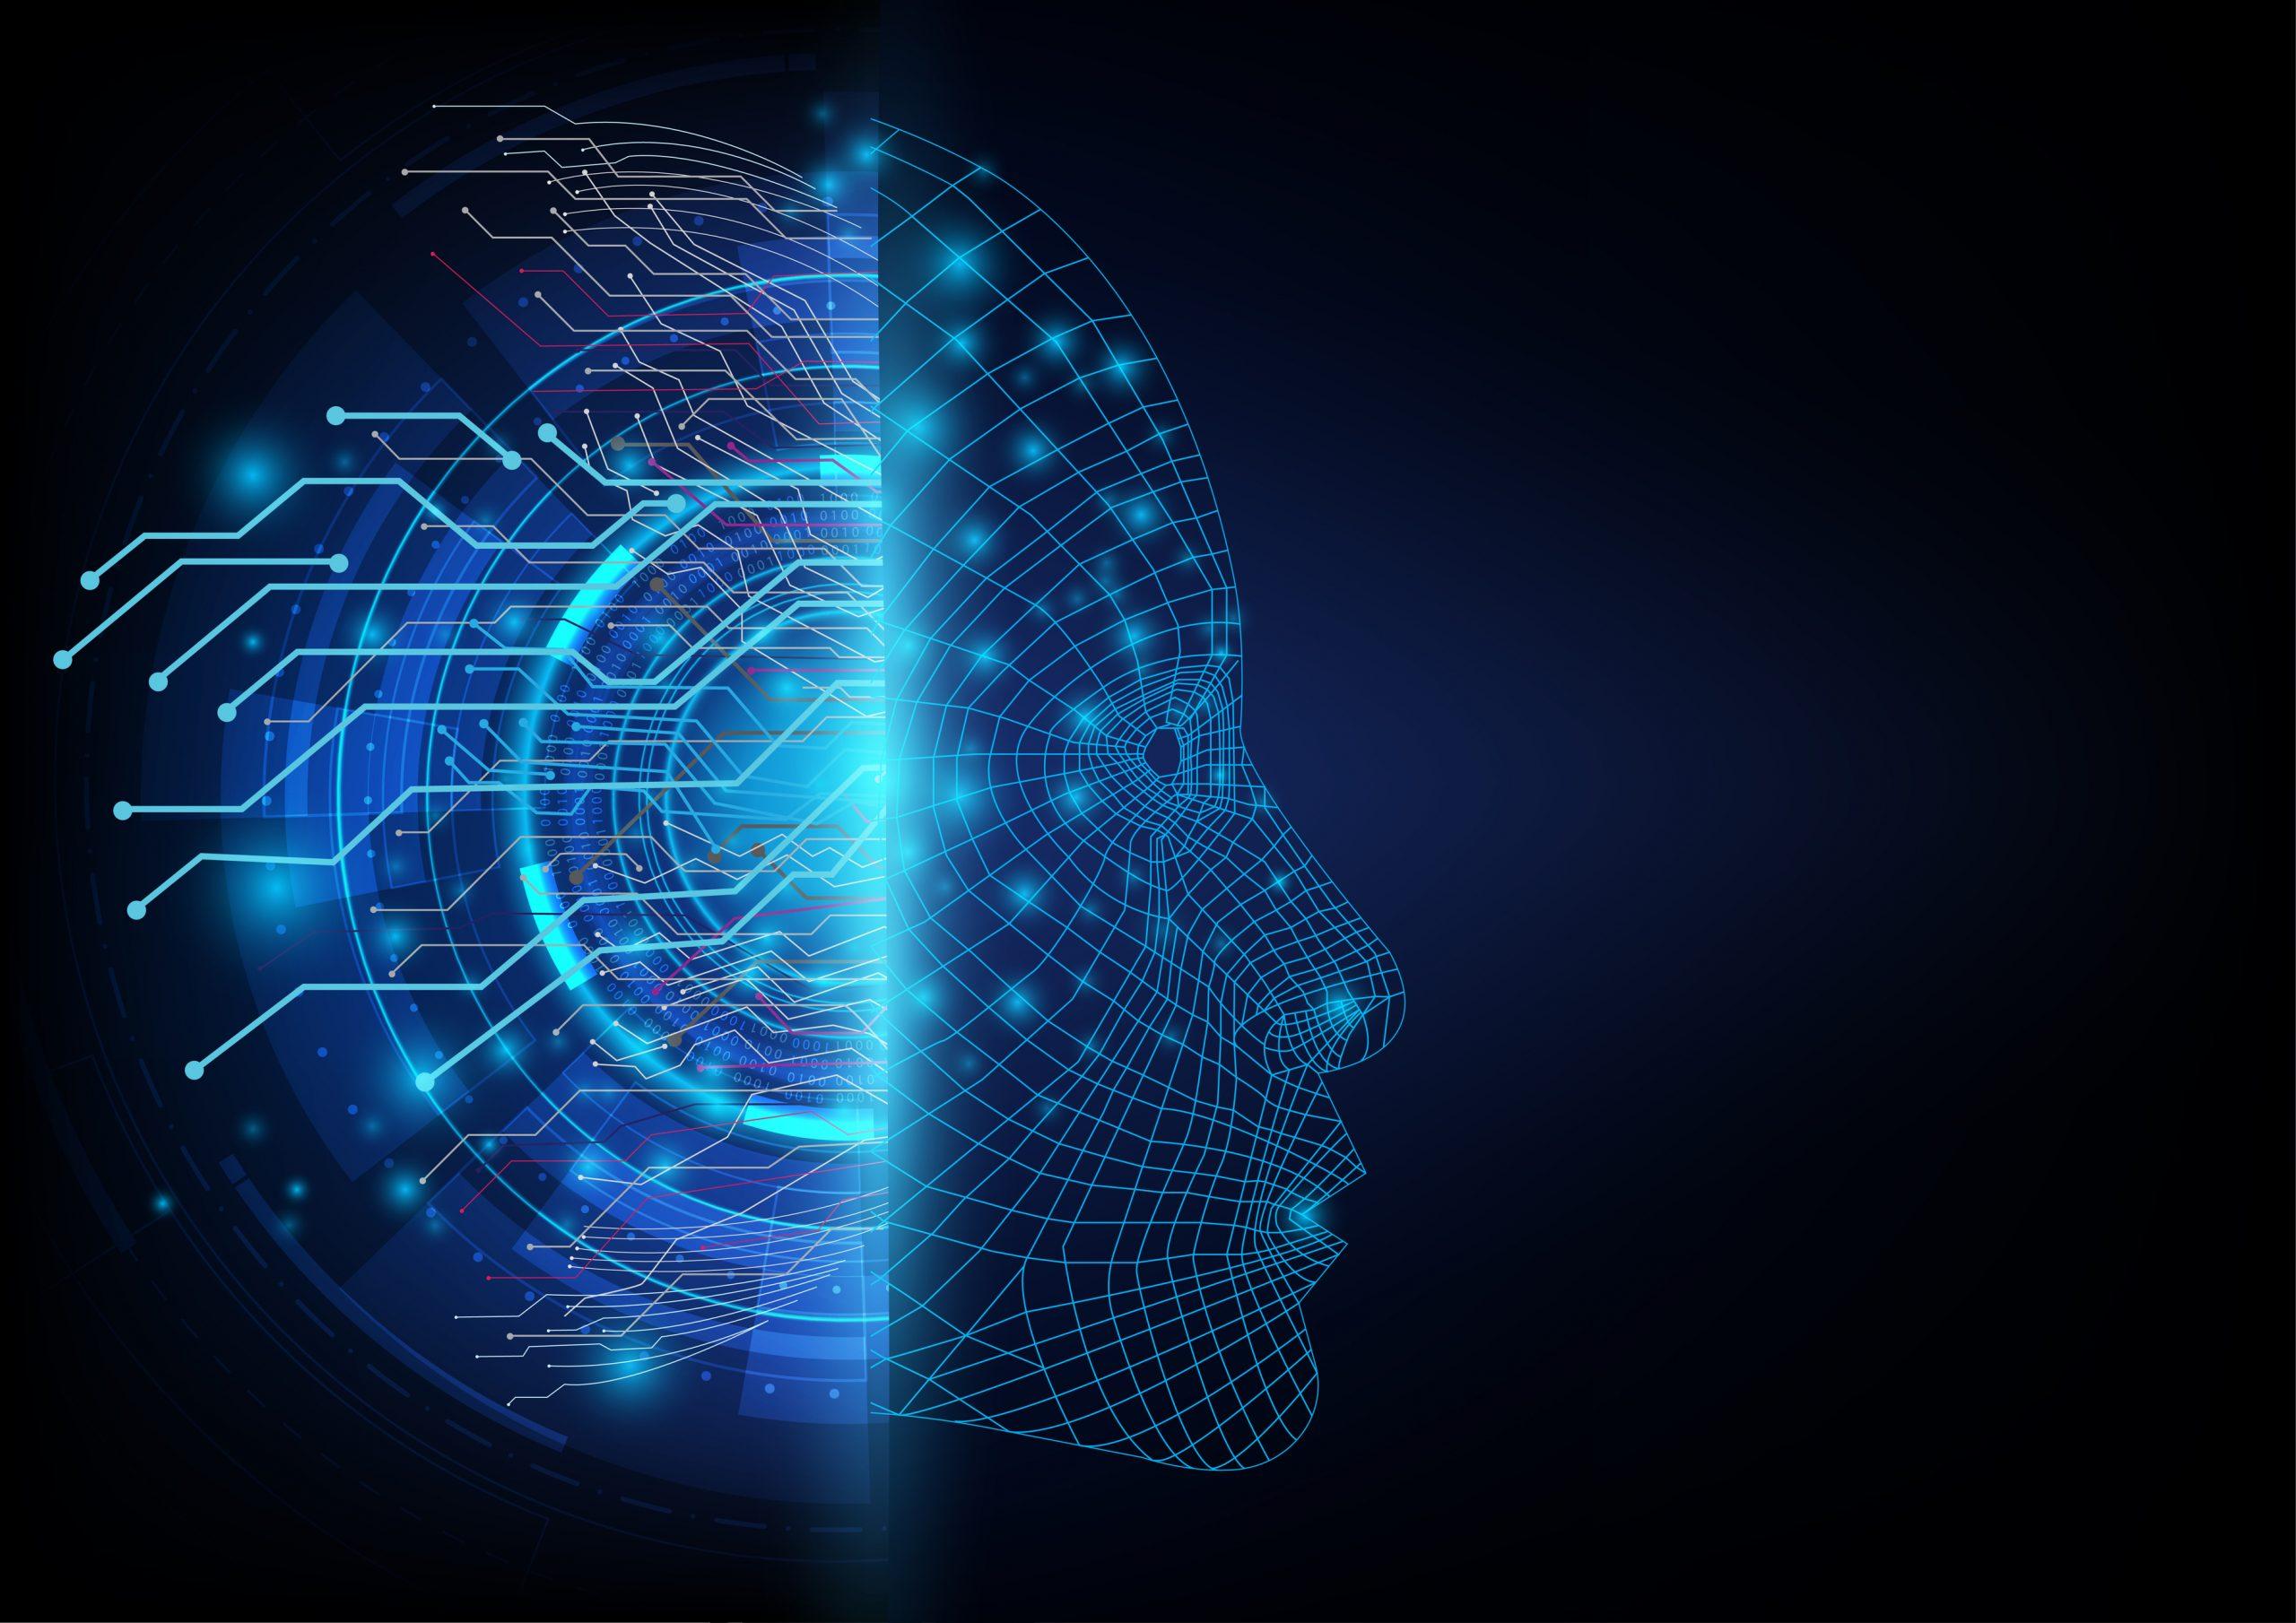 94% de las organizaciones que apuestan por la IA recuperaron la inversión en tecnología